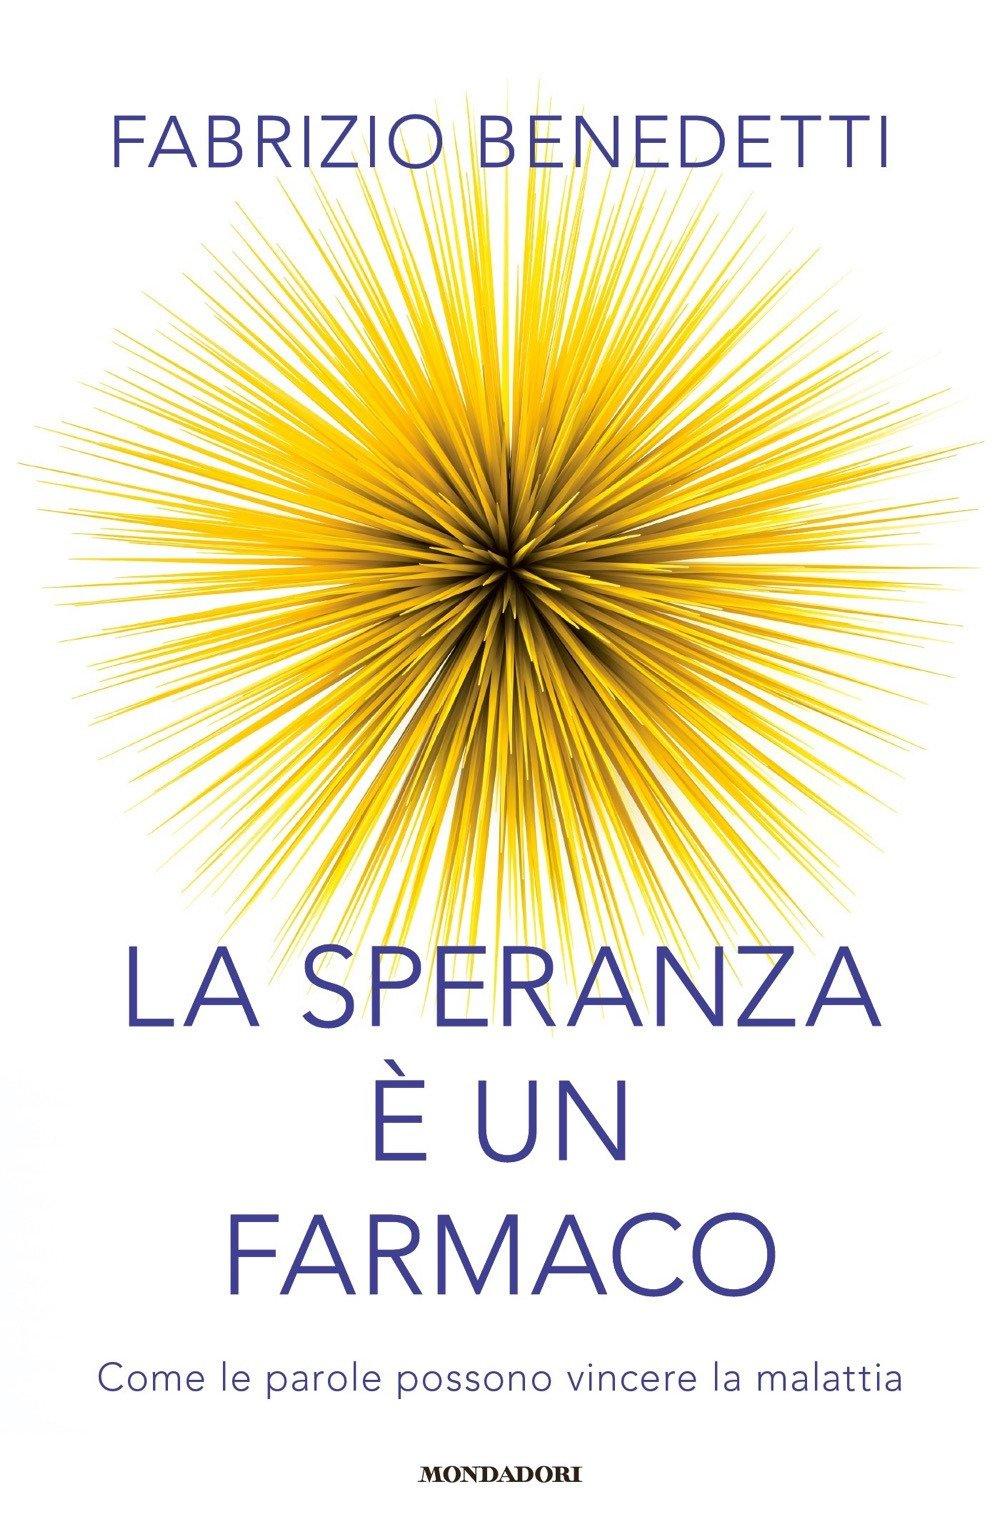 Fabrizio Benedetti